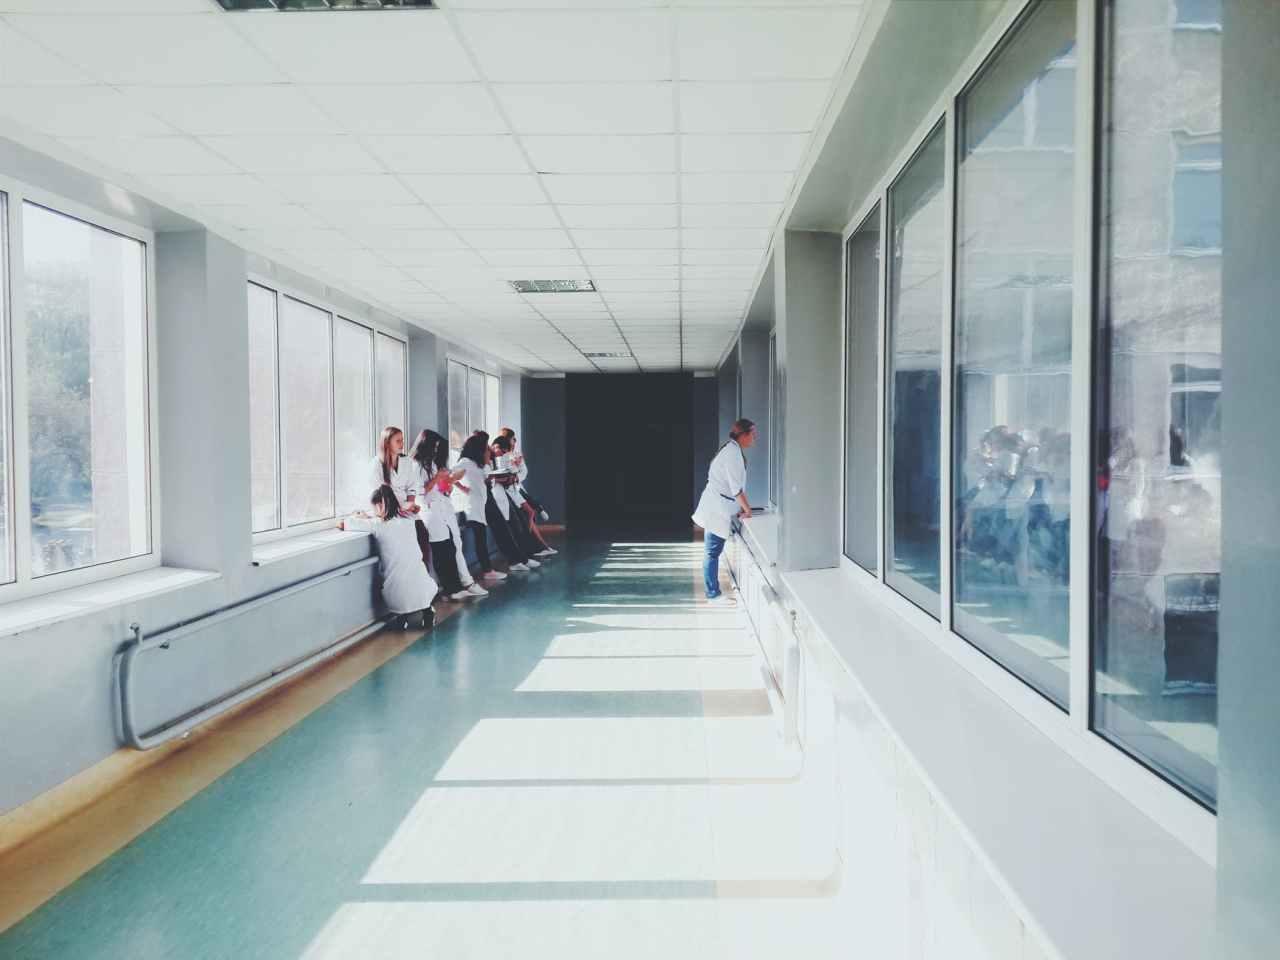 Κορωνοϊός: Διασωληνώθηκε 27χρονη γιατρός στο Πανεπιστημιακό νοσοκομείοΛάρισας